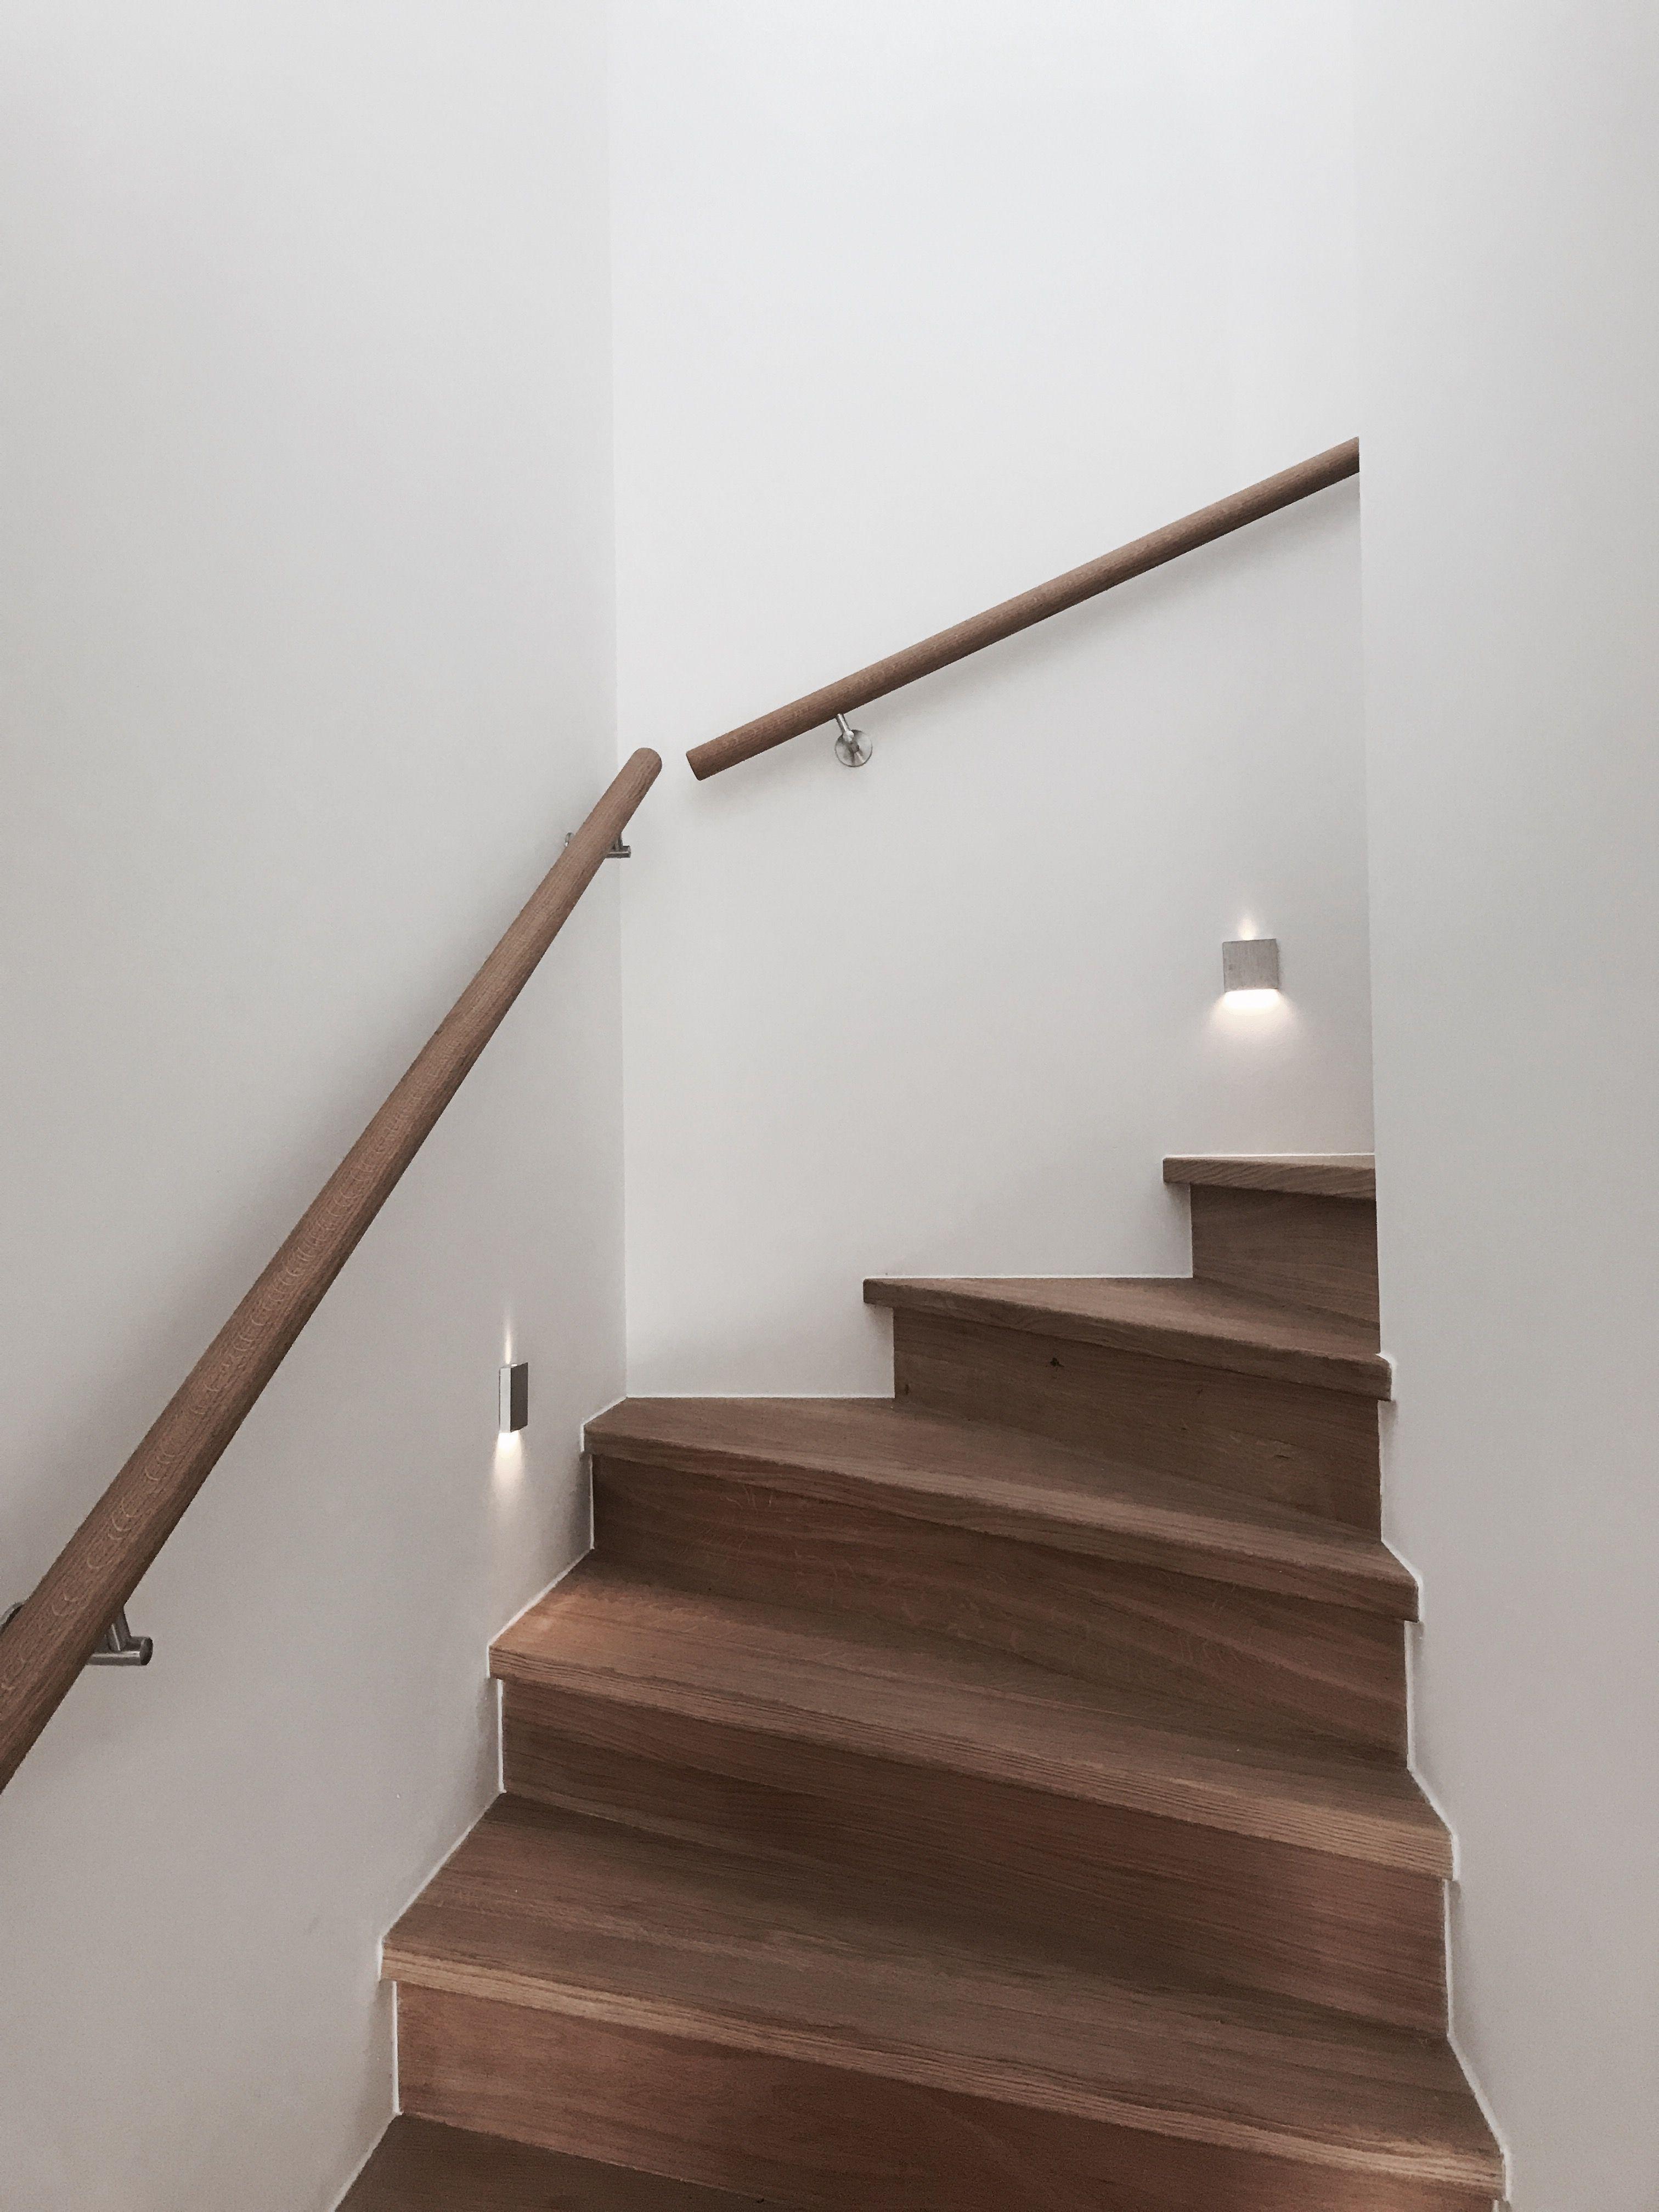 Hochwertige Treppe Mit Beleuchtung Treppe Beleuchtung Zimmer